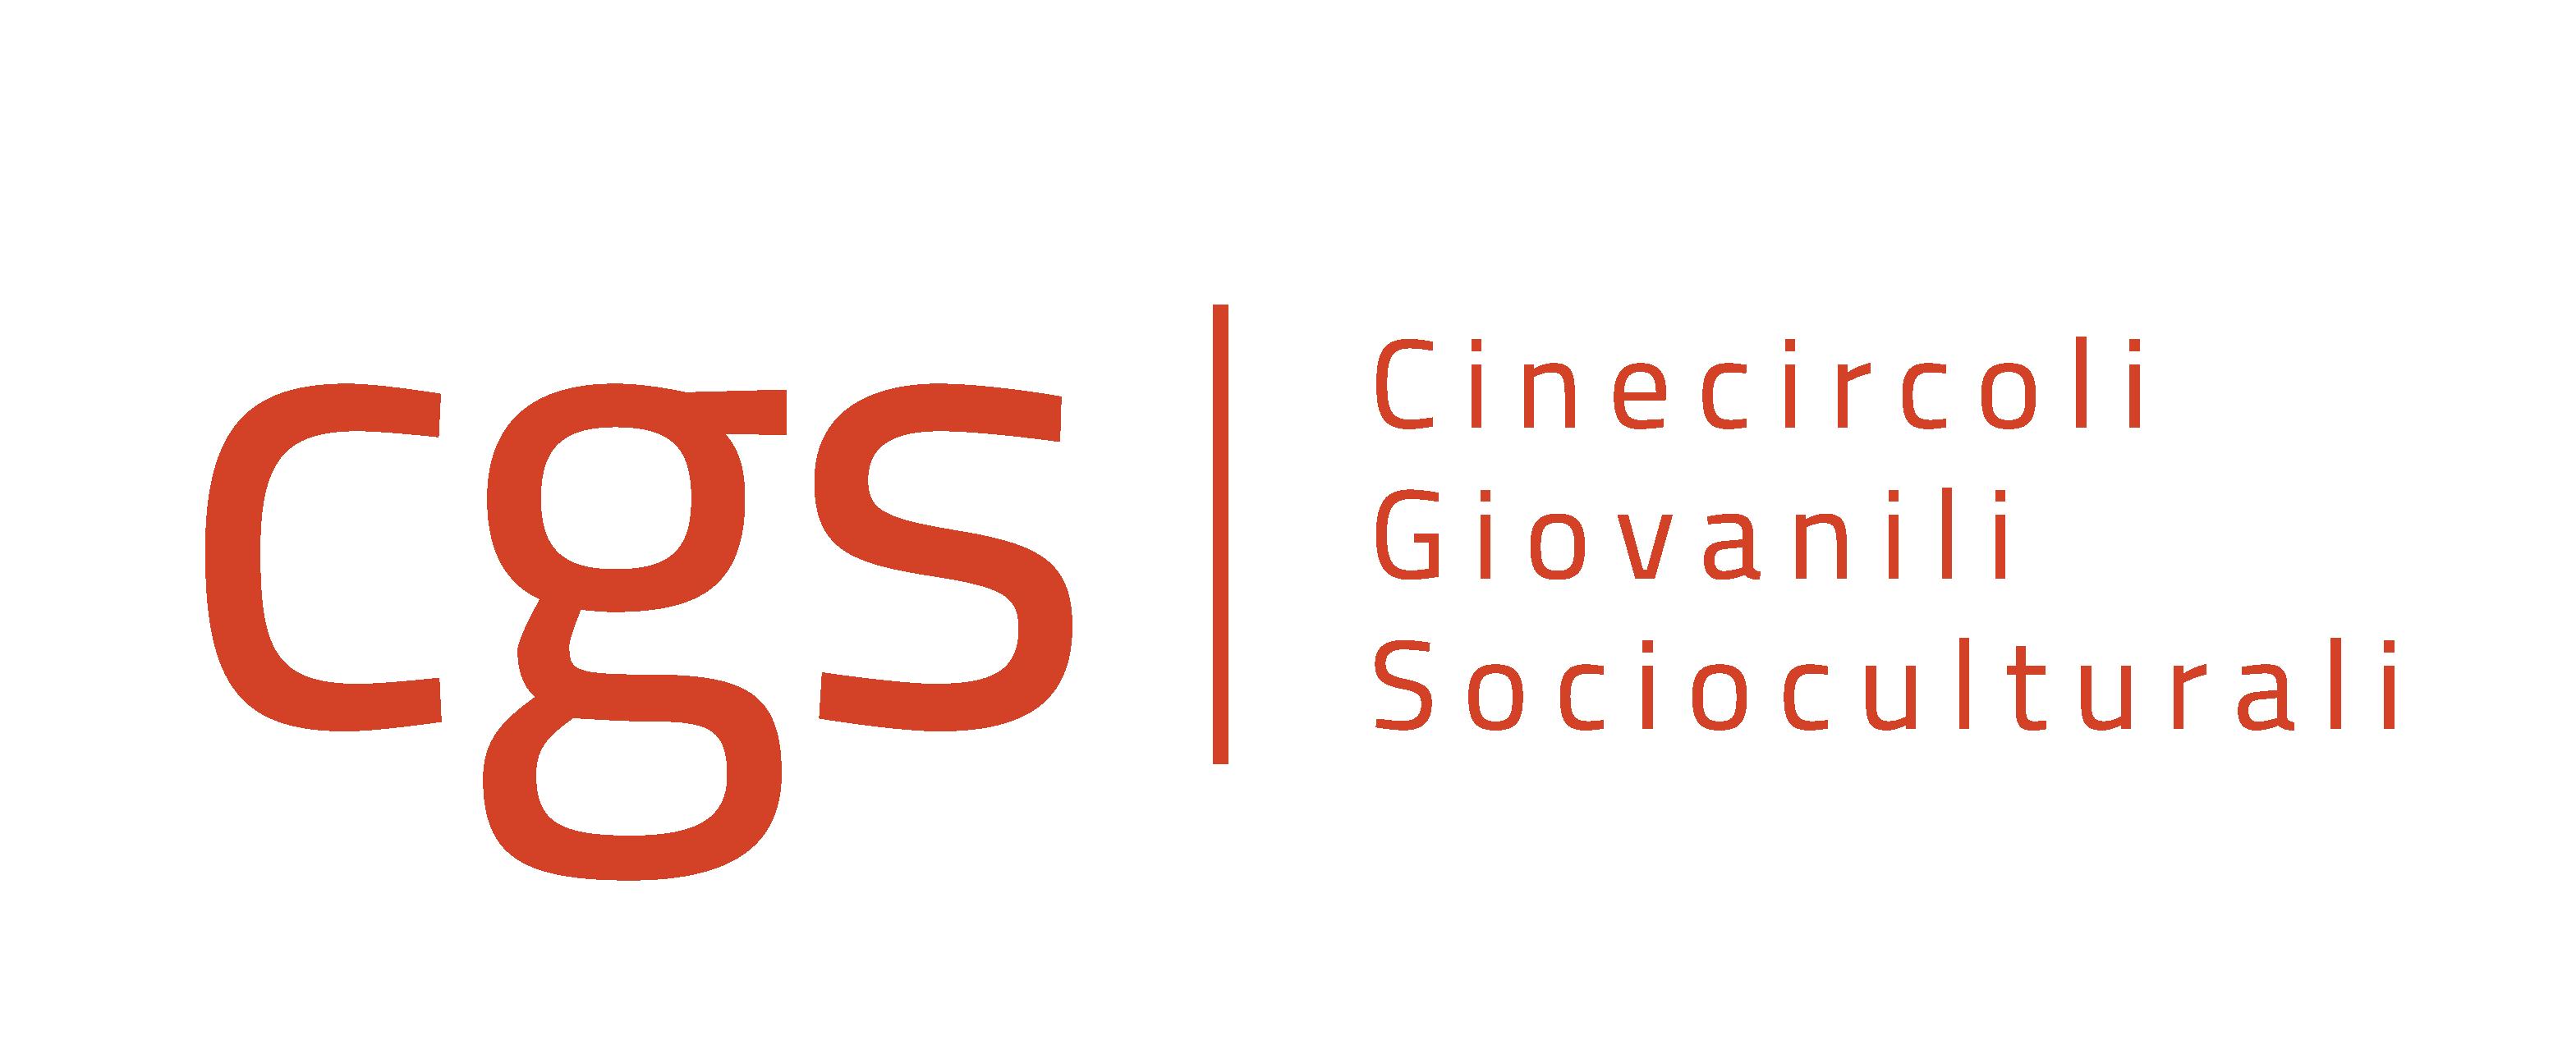 CGS - Gestionale per Circoli